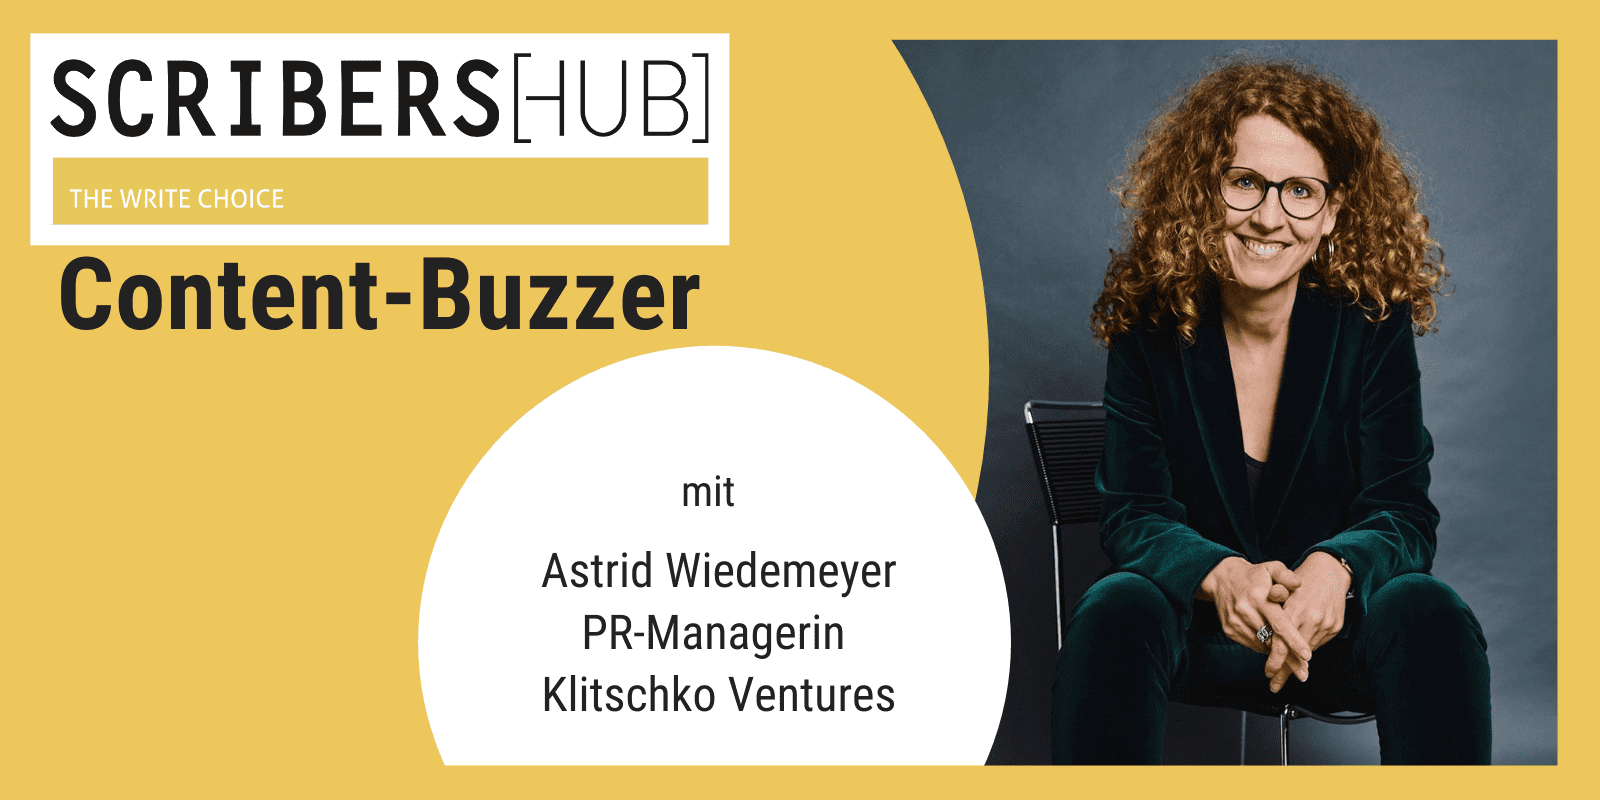 Content-Buzzer mit Astrid Wiedemeyer